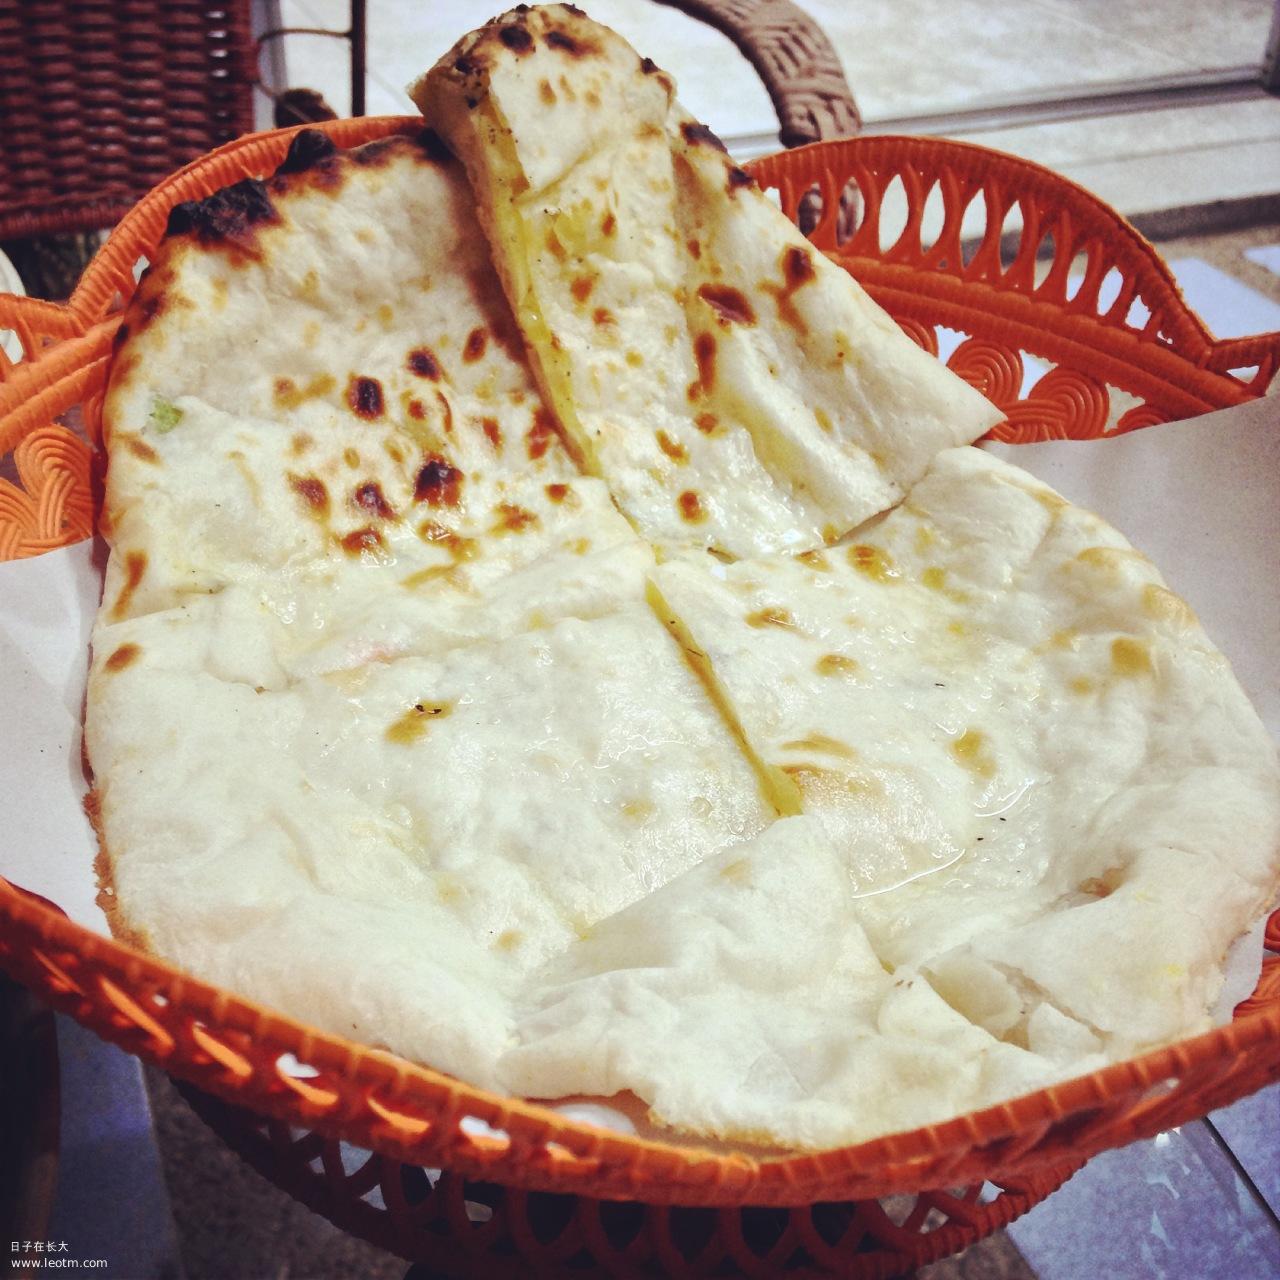 加了葱的印度饼